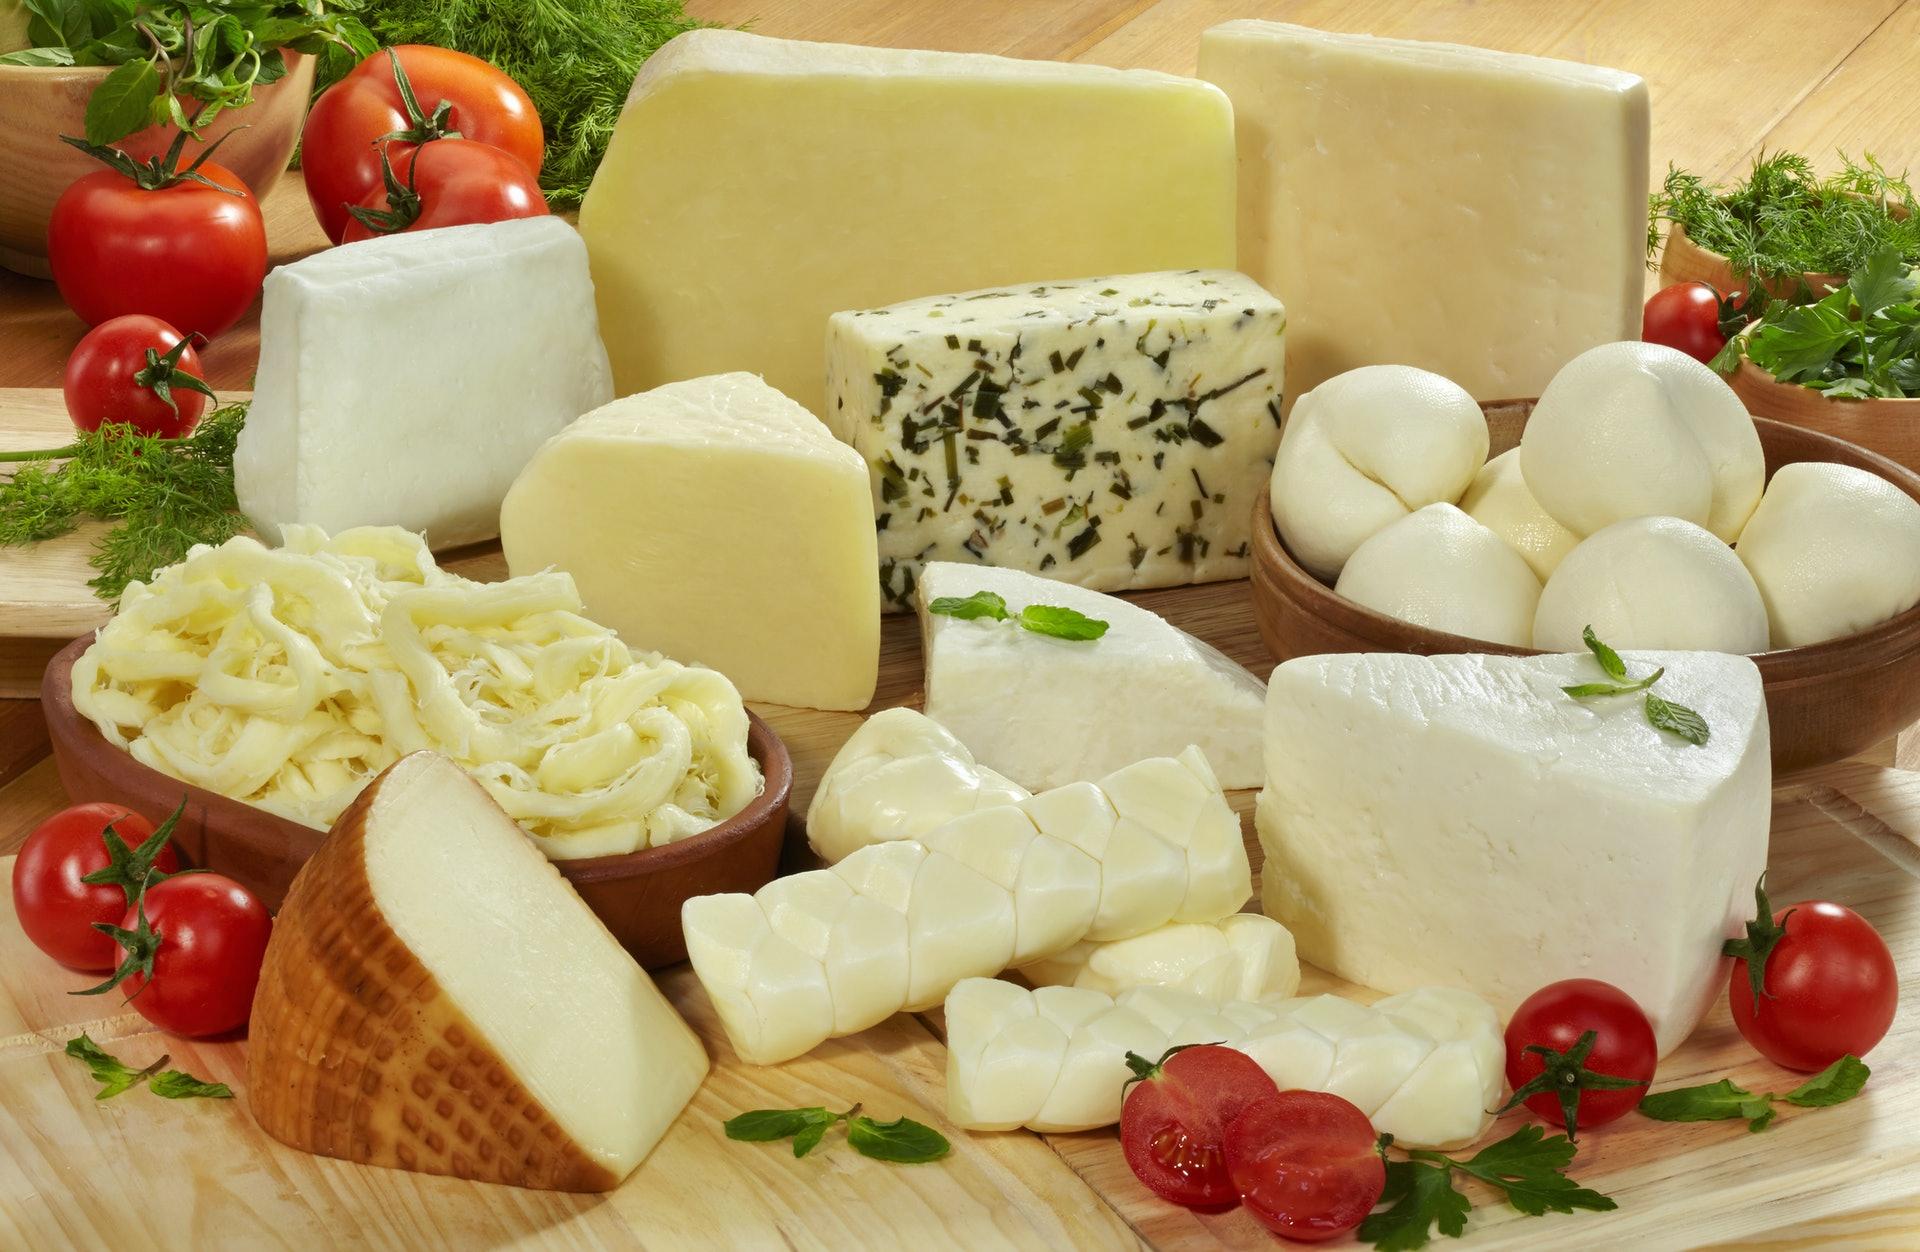 未經巴士德消毒法處理的奶類及其製品或含有李斯特菌,例如乳酪和軟芝士,孕婦若感染,後果可以十分嚴重。(圖片:trattoriailpanino)